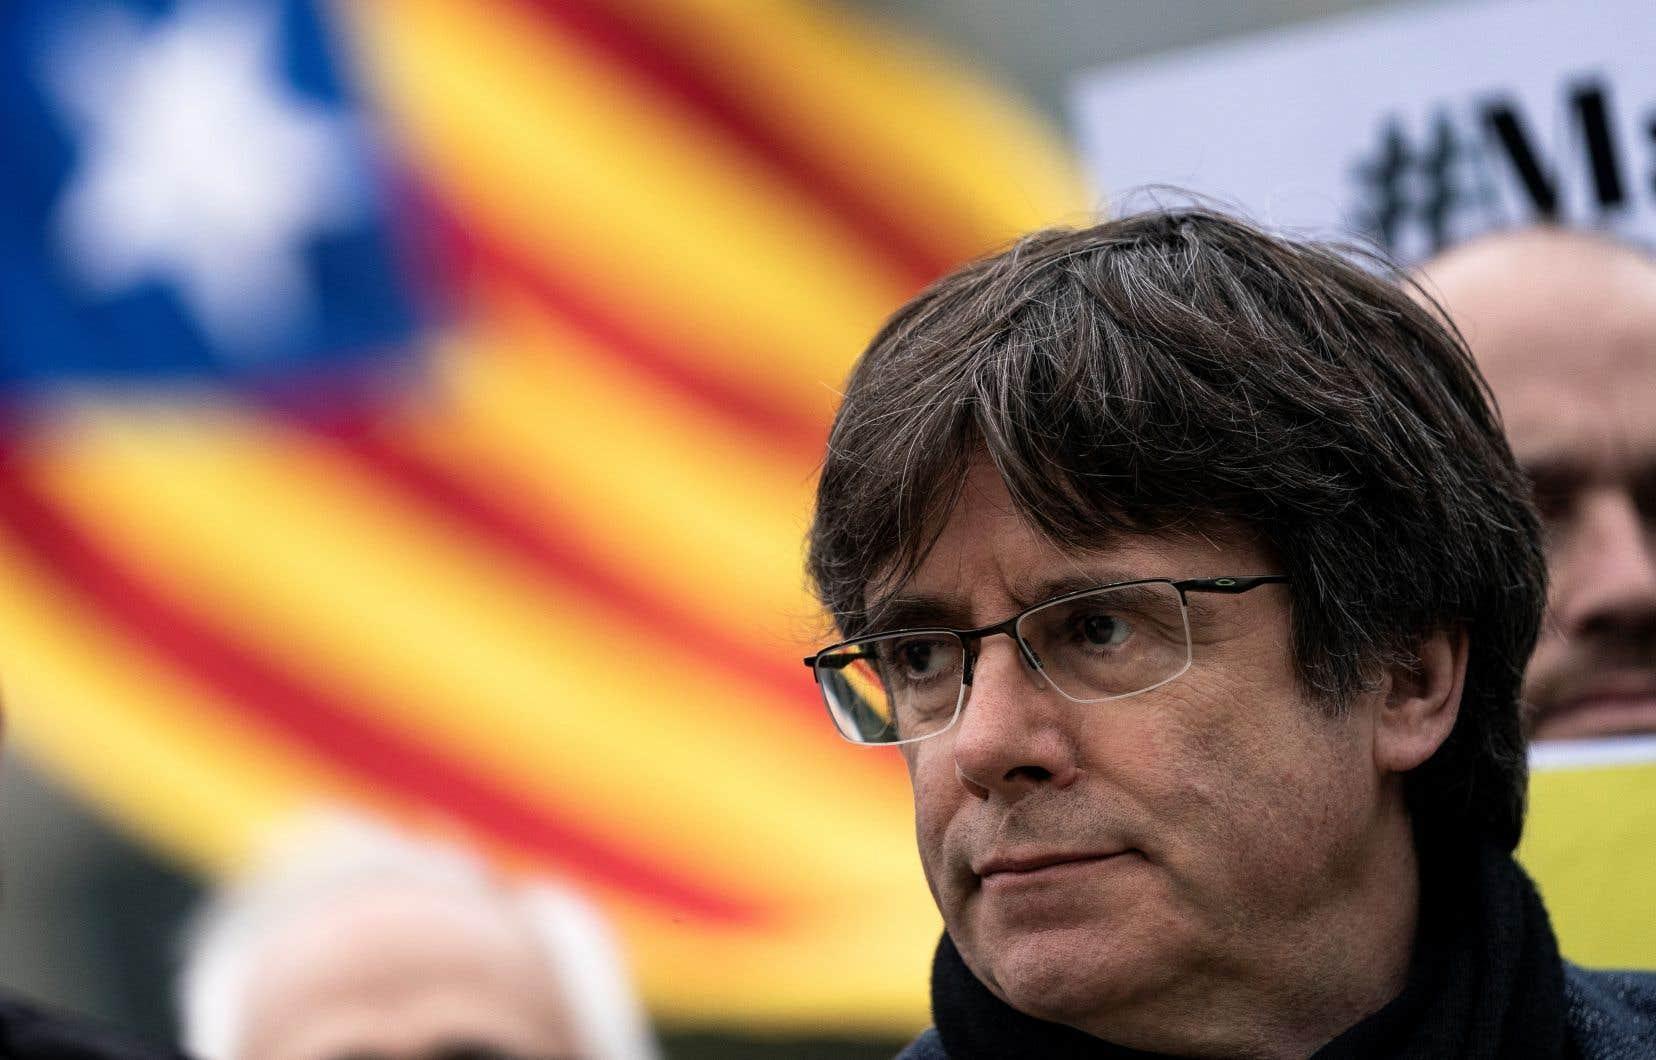 Dans sa lettre, l'ex-président catalan Carles Puigdemont trace «certains parallèles» entre le parcours historique du Québec et celui de la Catalogne.